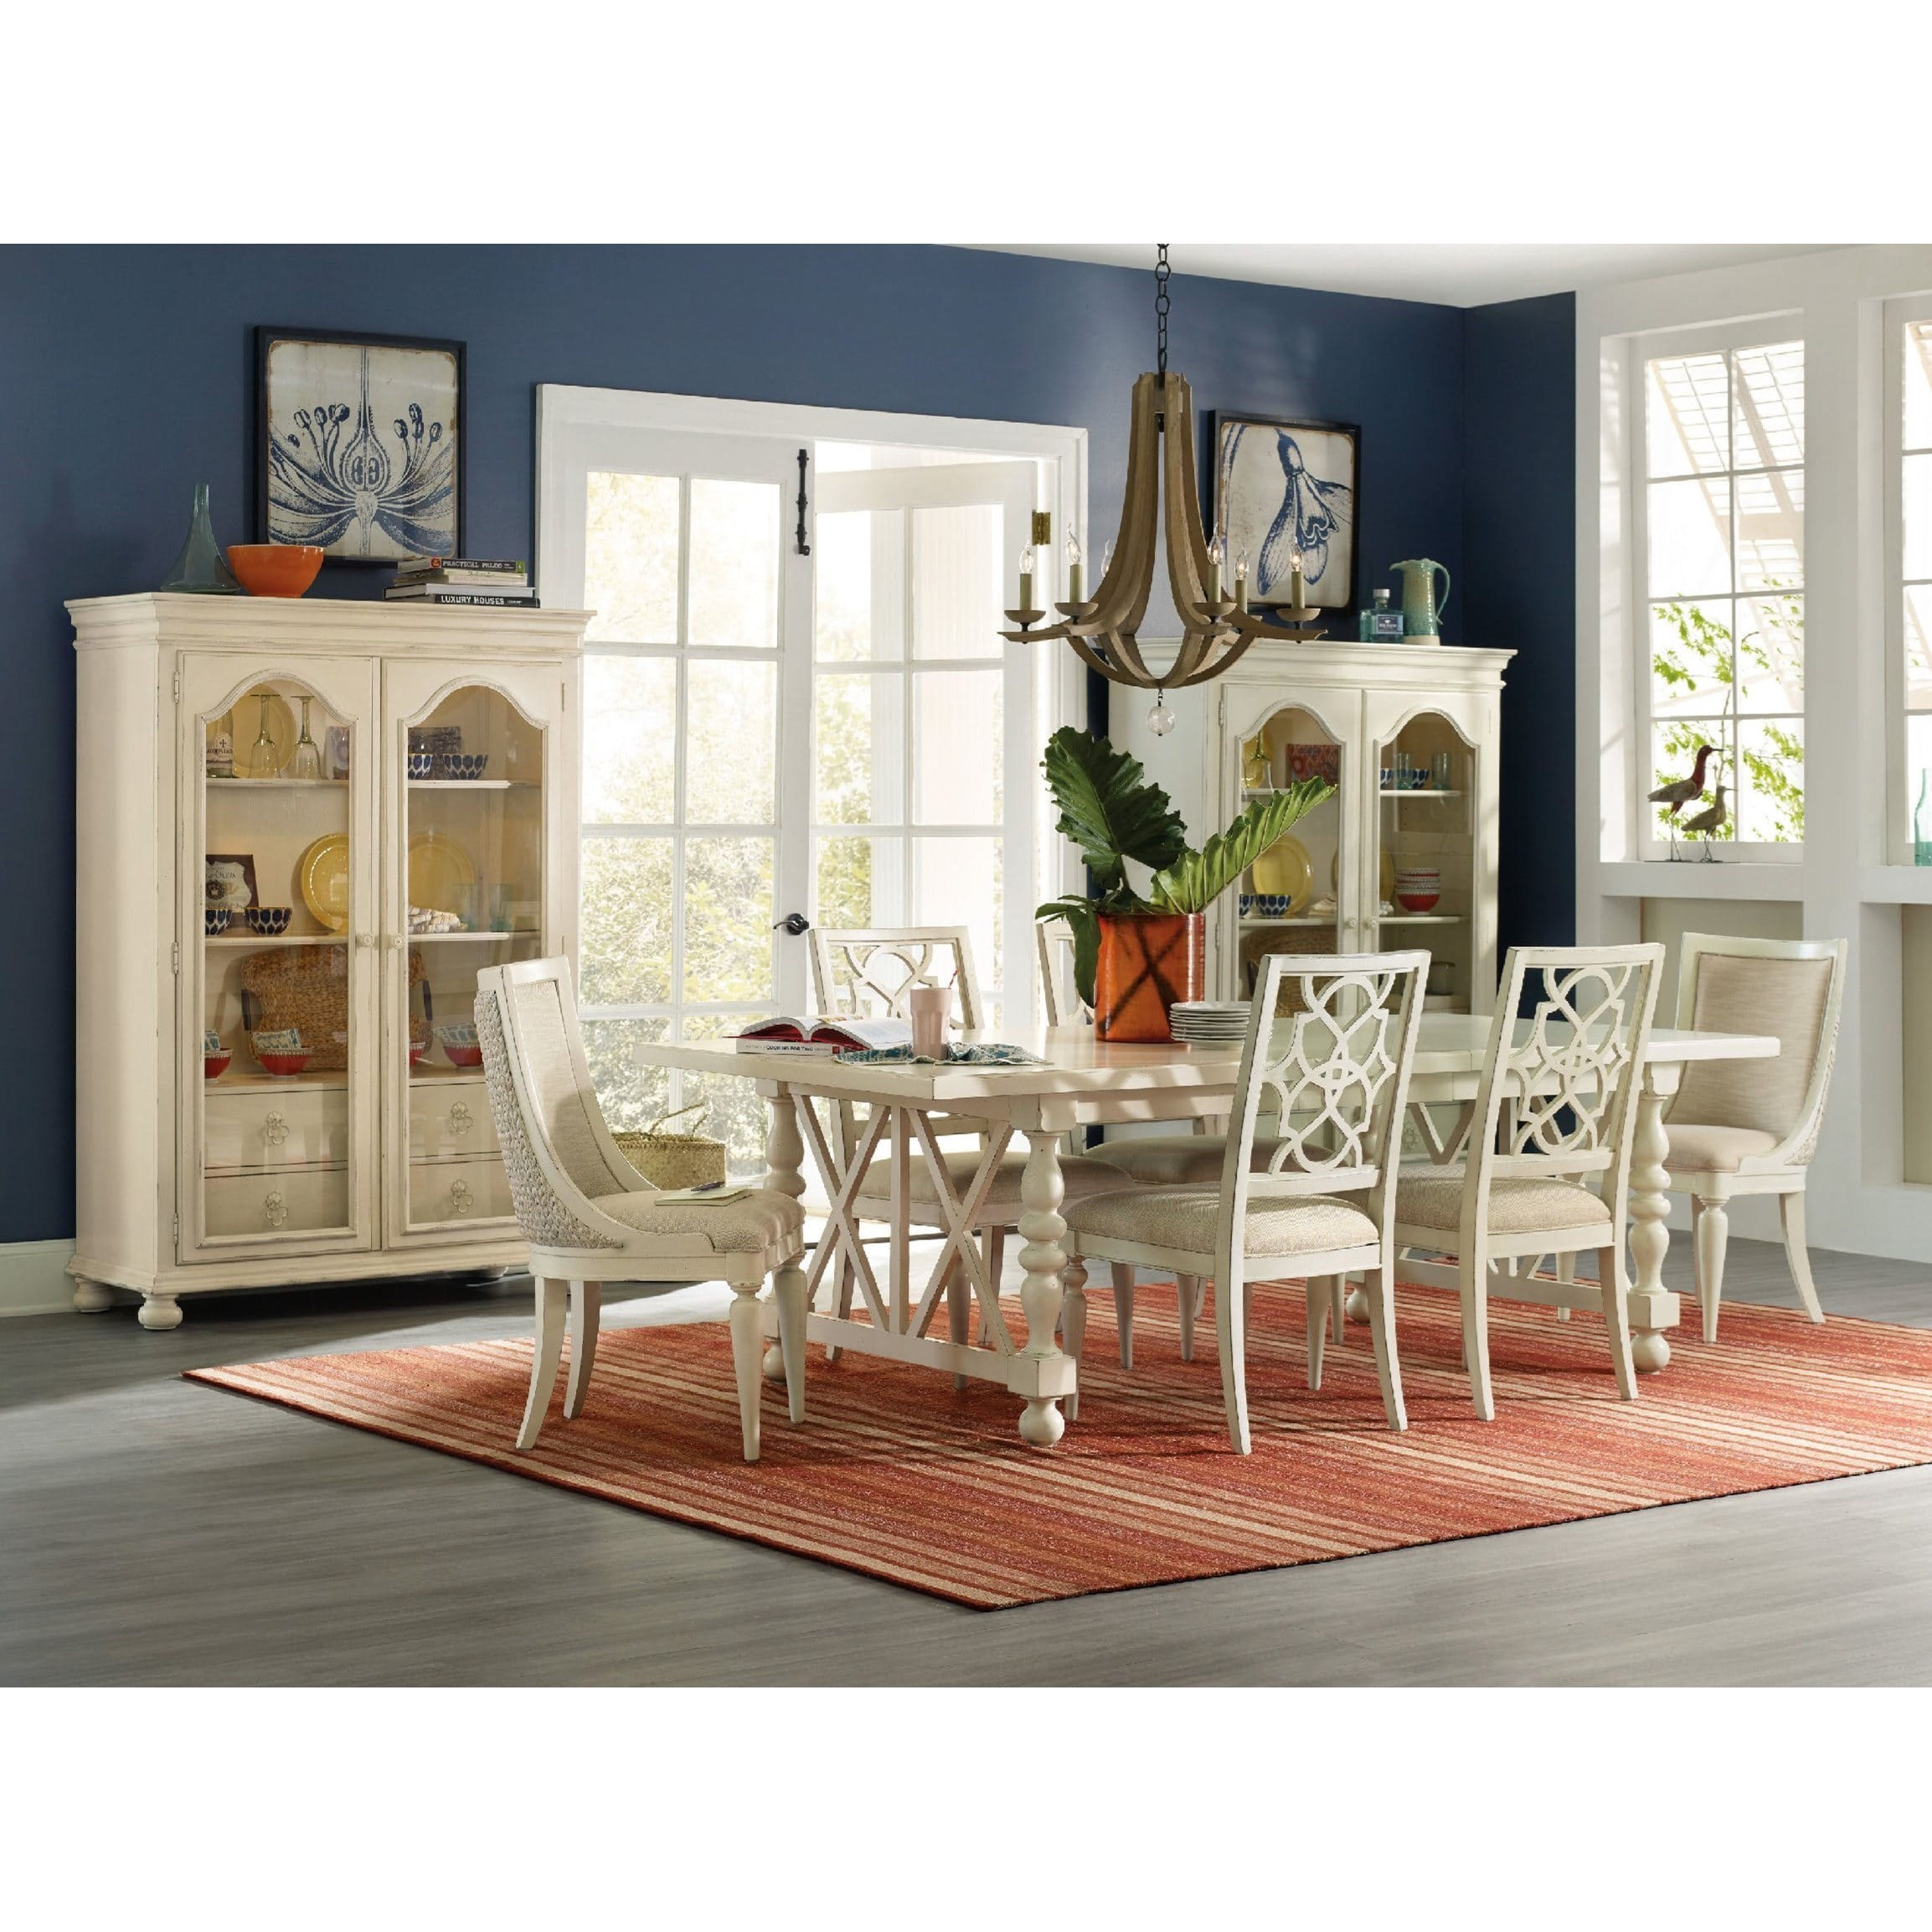 Hooker Furniture Sandcastle Dining Room Group